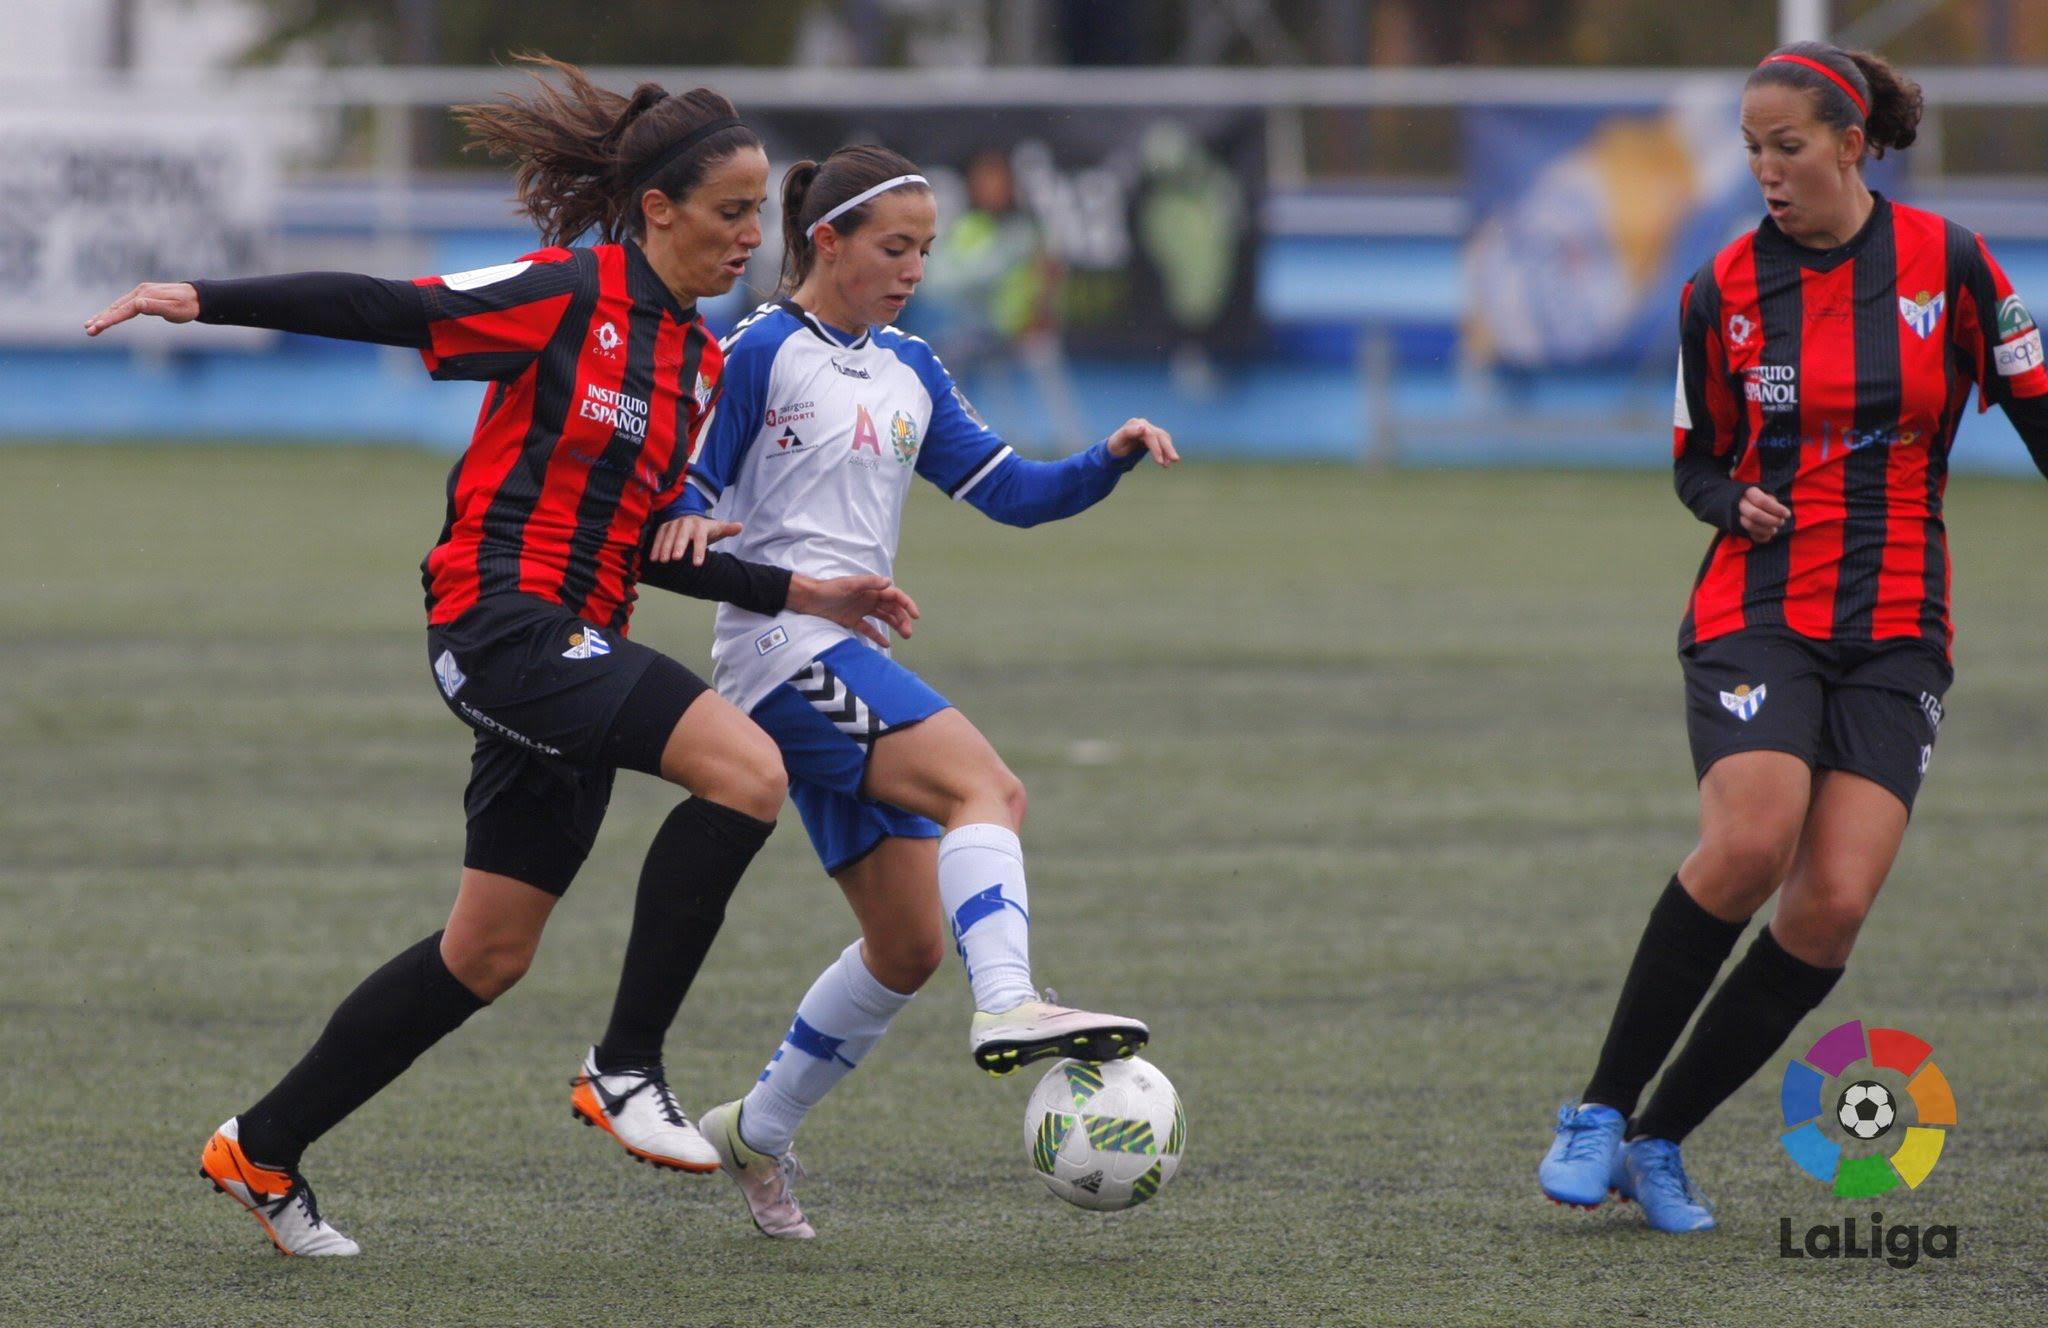 La presión defensiva del Sporting fue clave para arrancar el empate y un punto más en la clasificación.